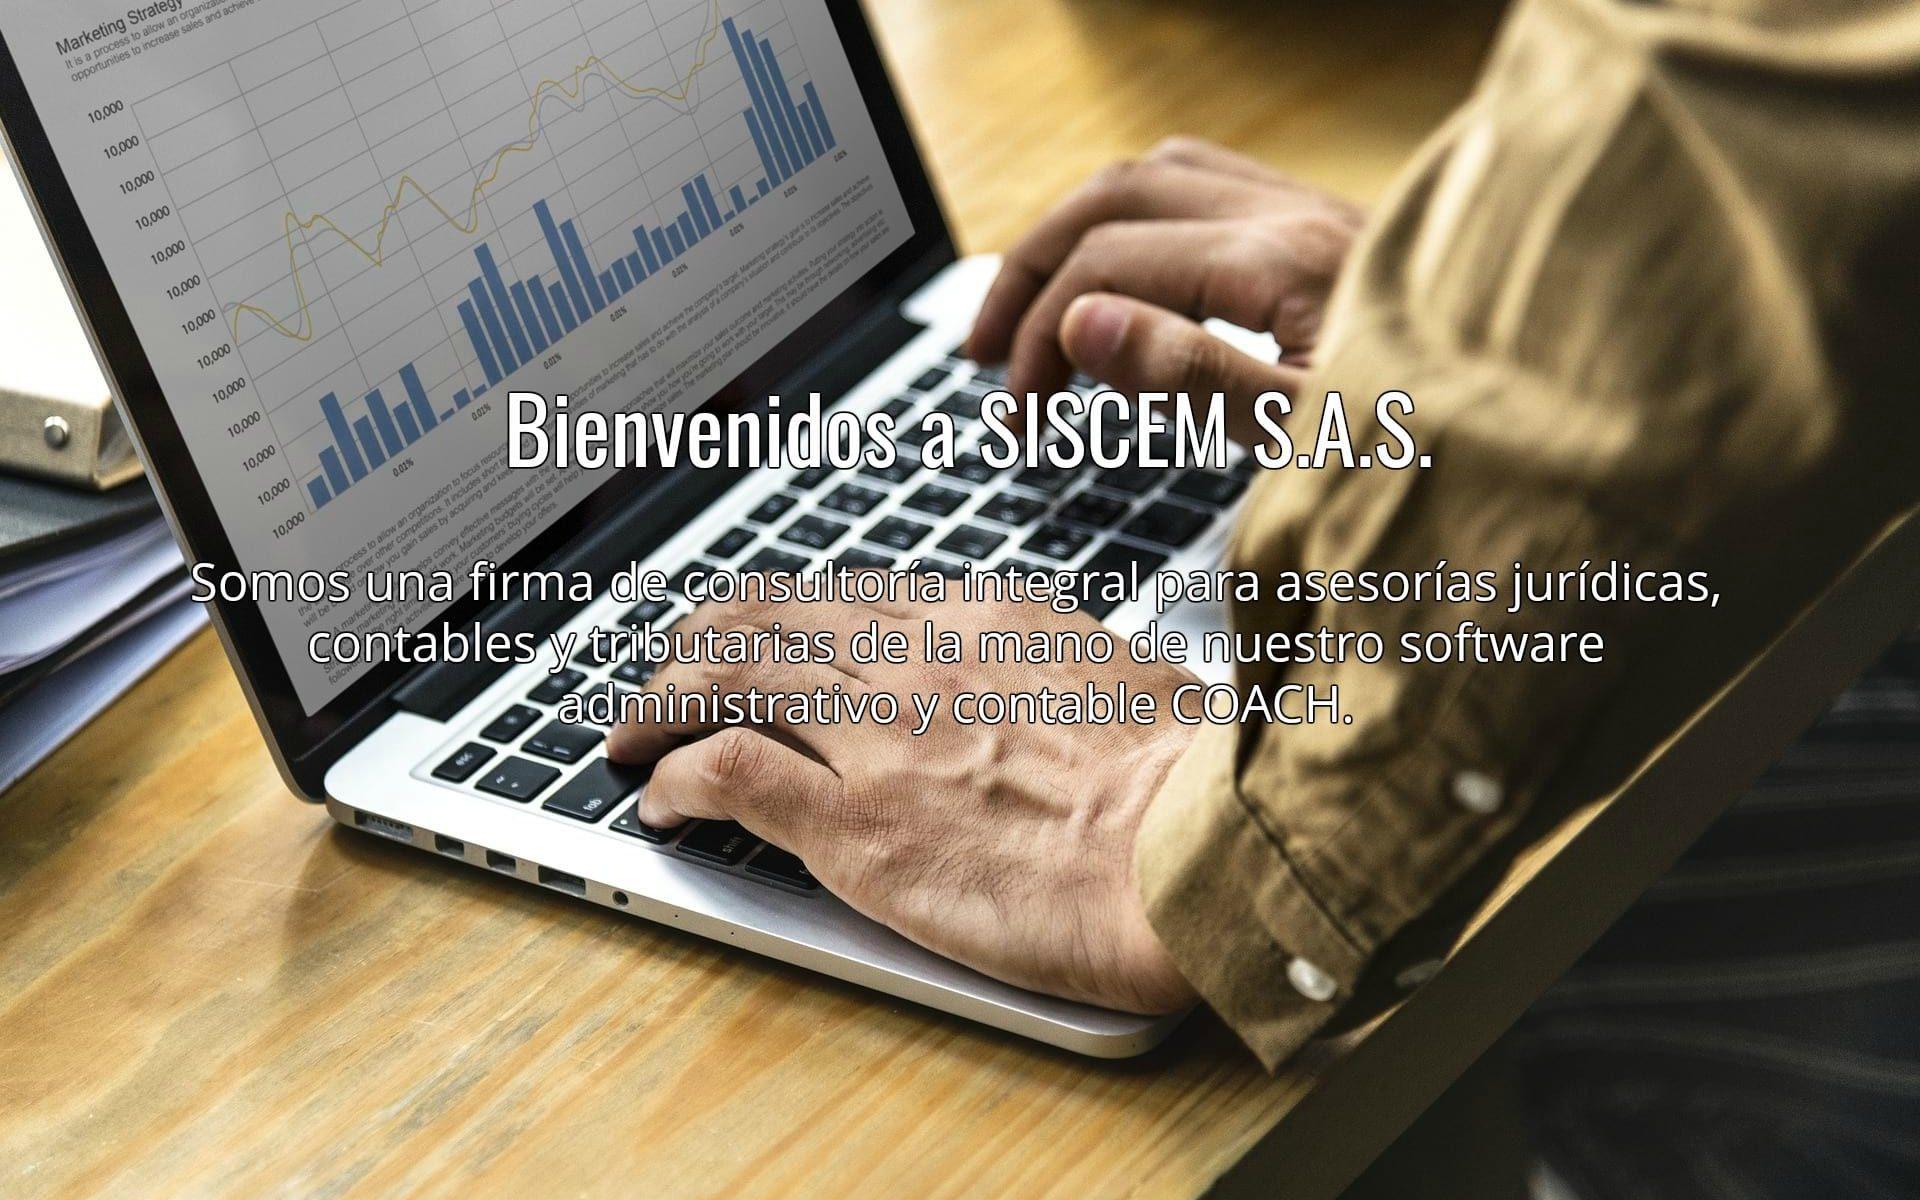 Firma de consultoría integral, asesoría jurídica, asesoría contable, asesoría tributaria de la mano nuestro software administrativo y contable COACH